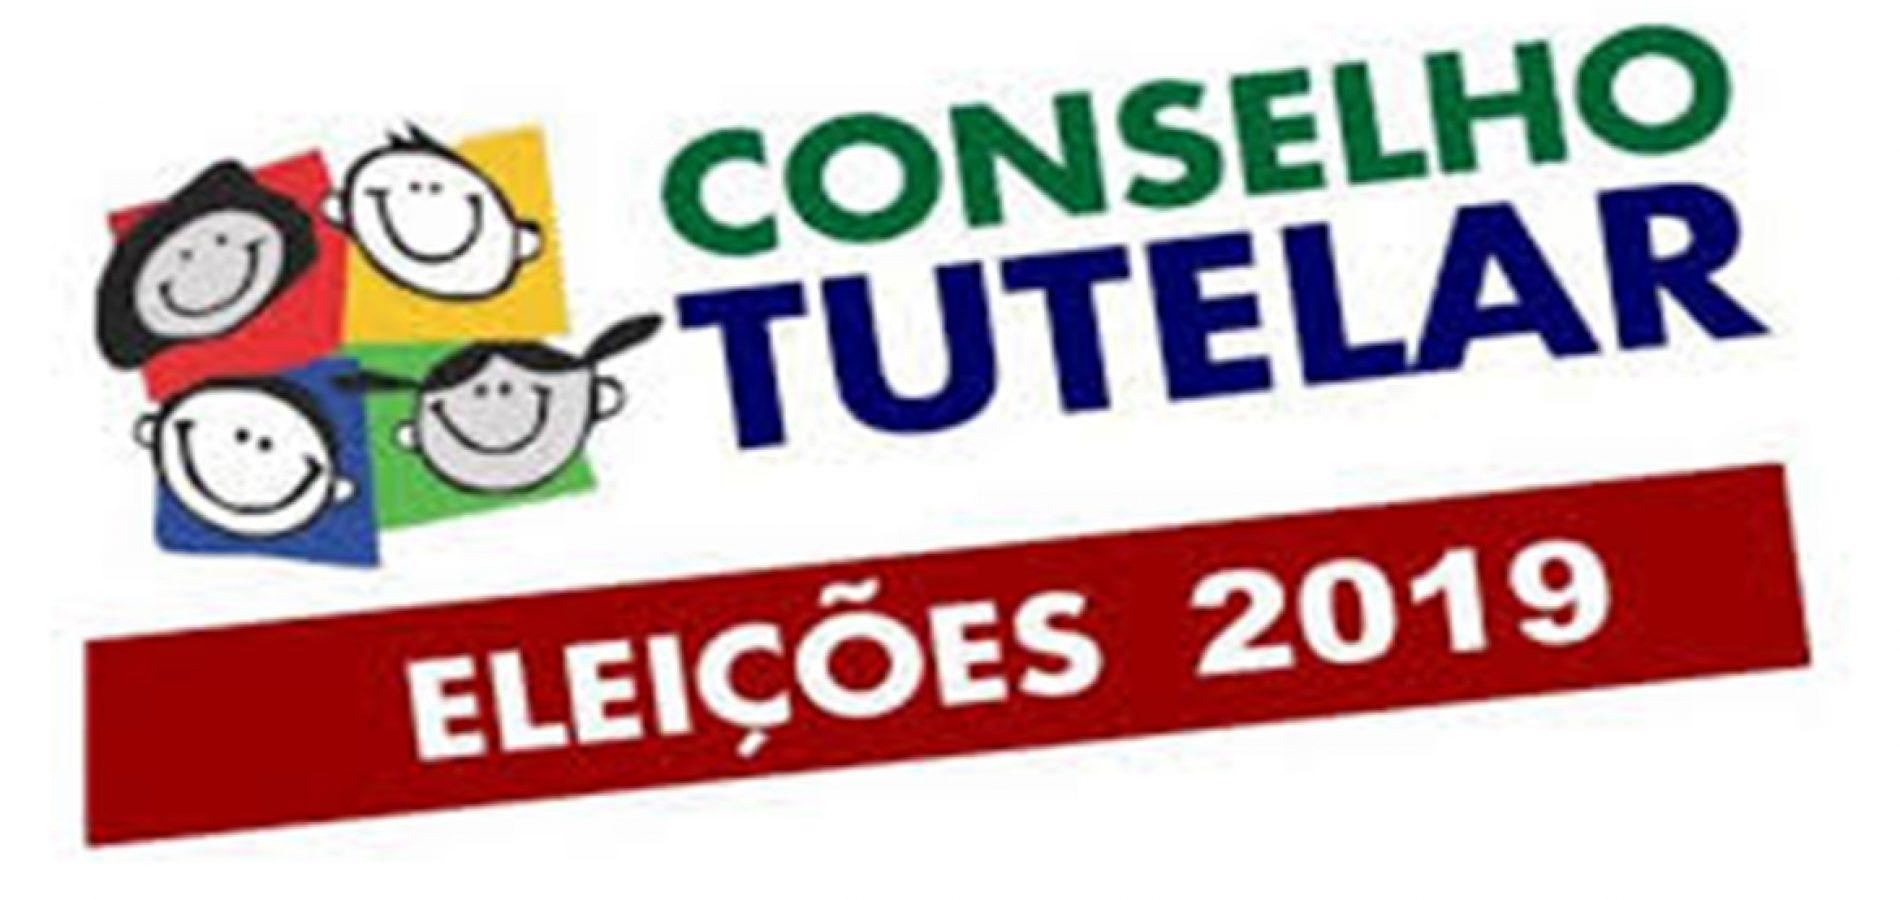 Eleição para conselheiros tutelares acontece no dia 6 de outubro em Picos